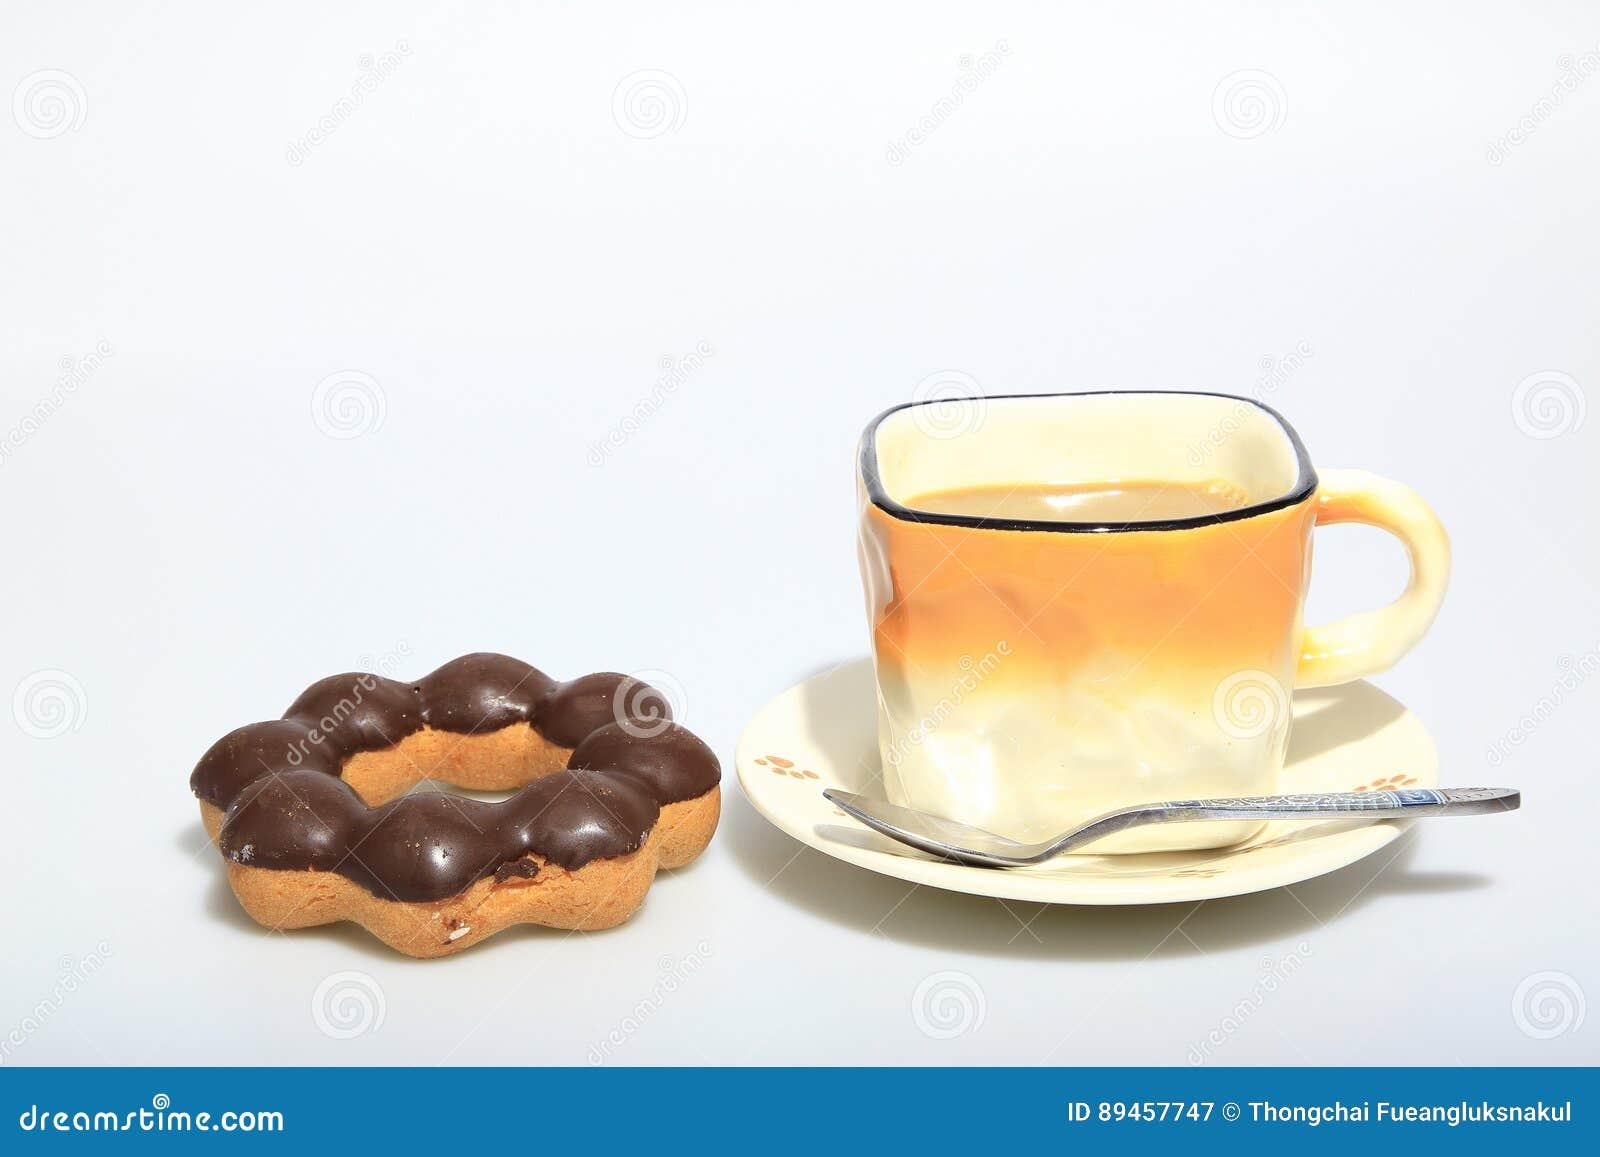 Hete koffie in de kop met donkere chocolade donuts, als voedselachtergrond